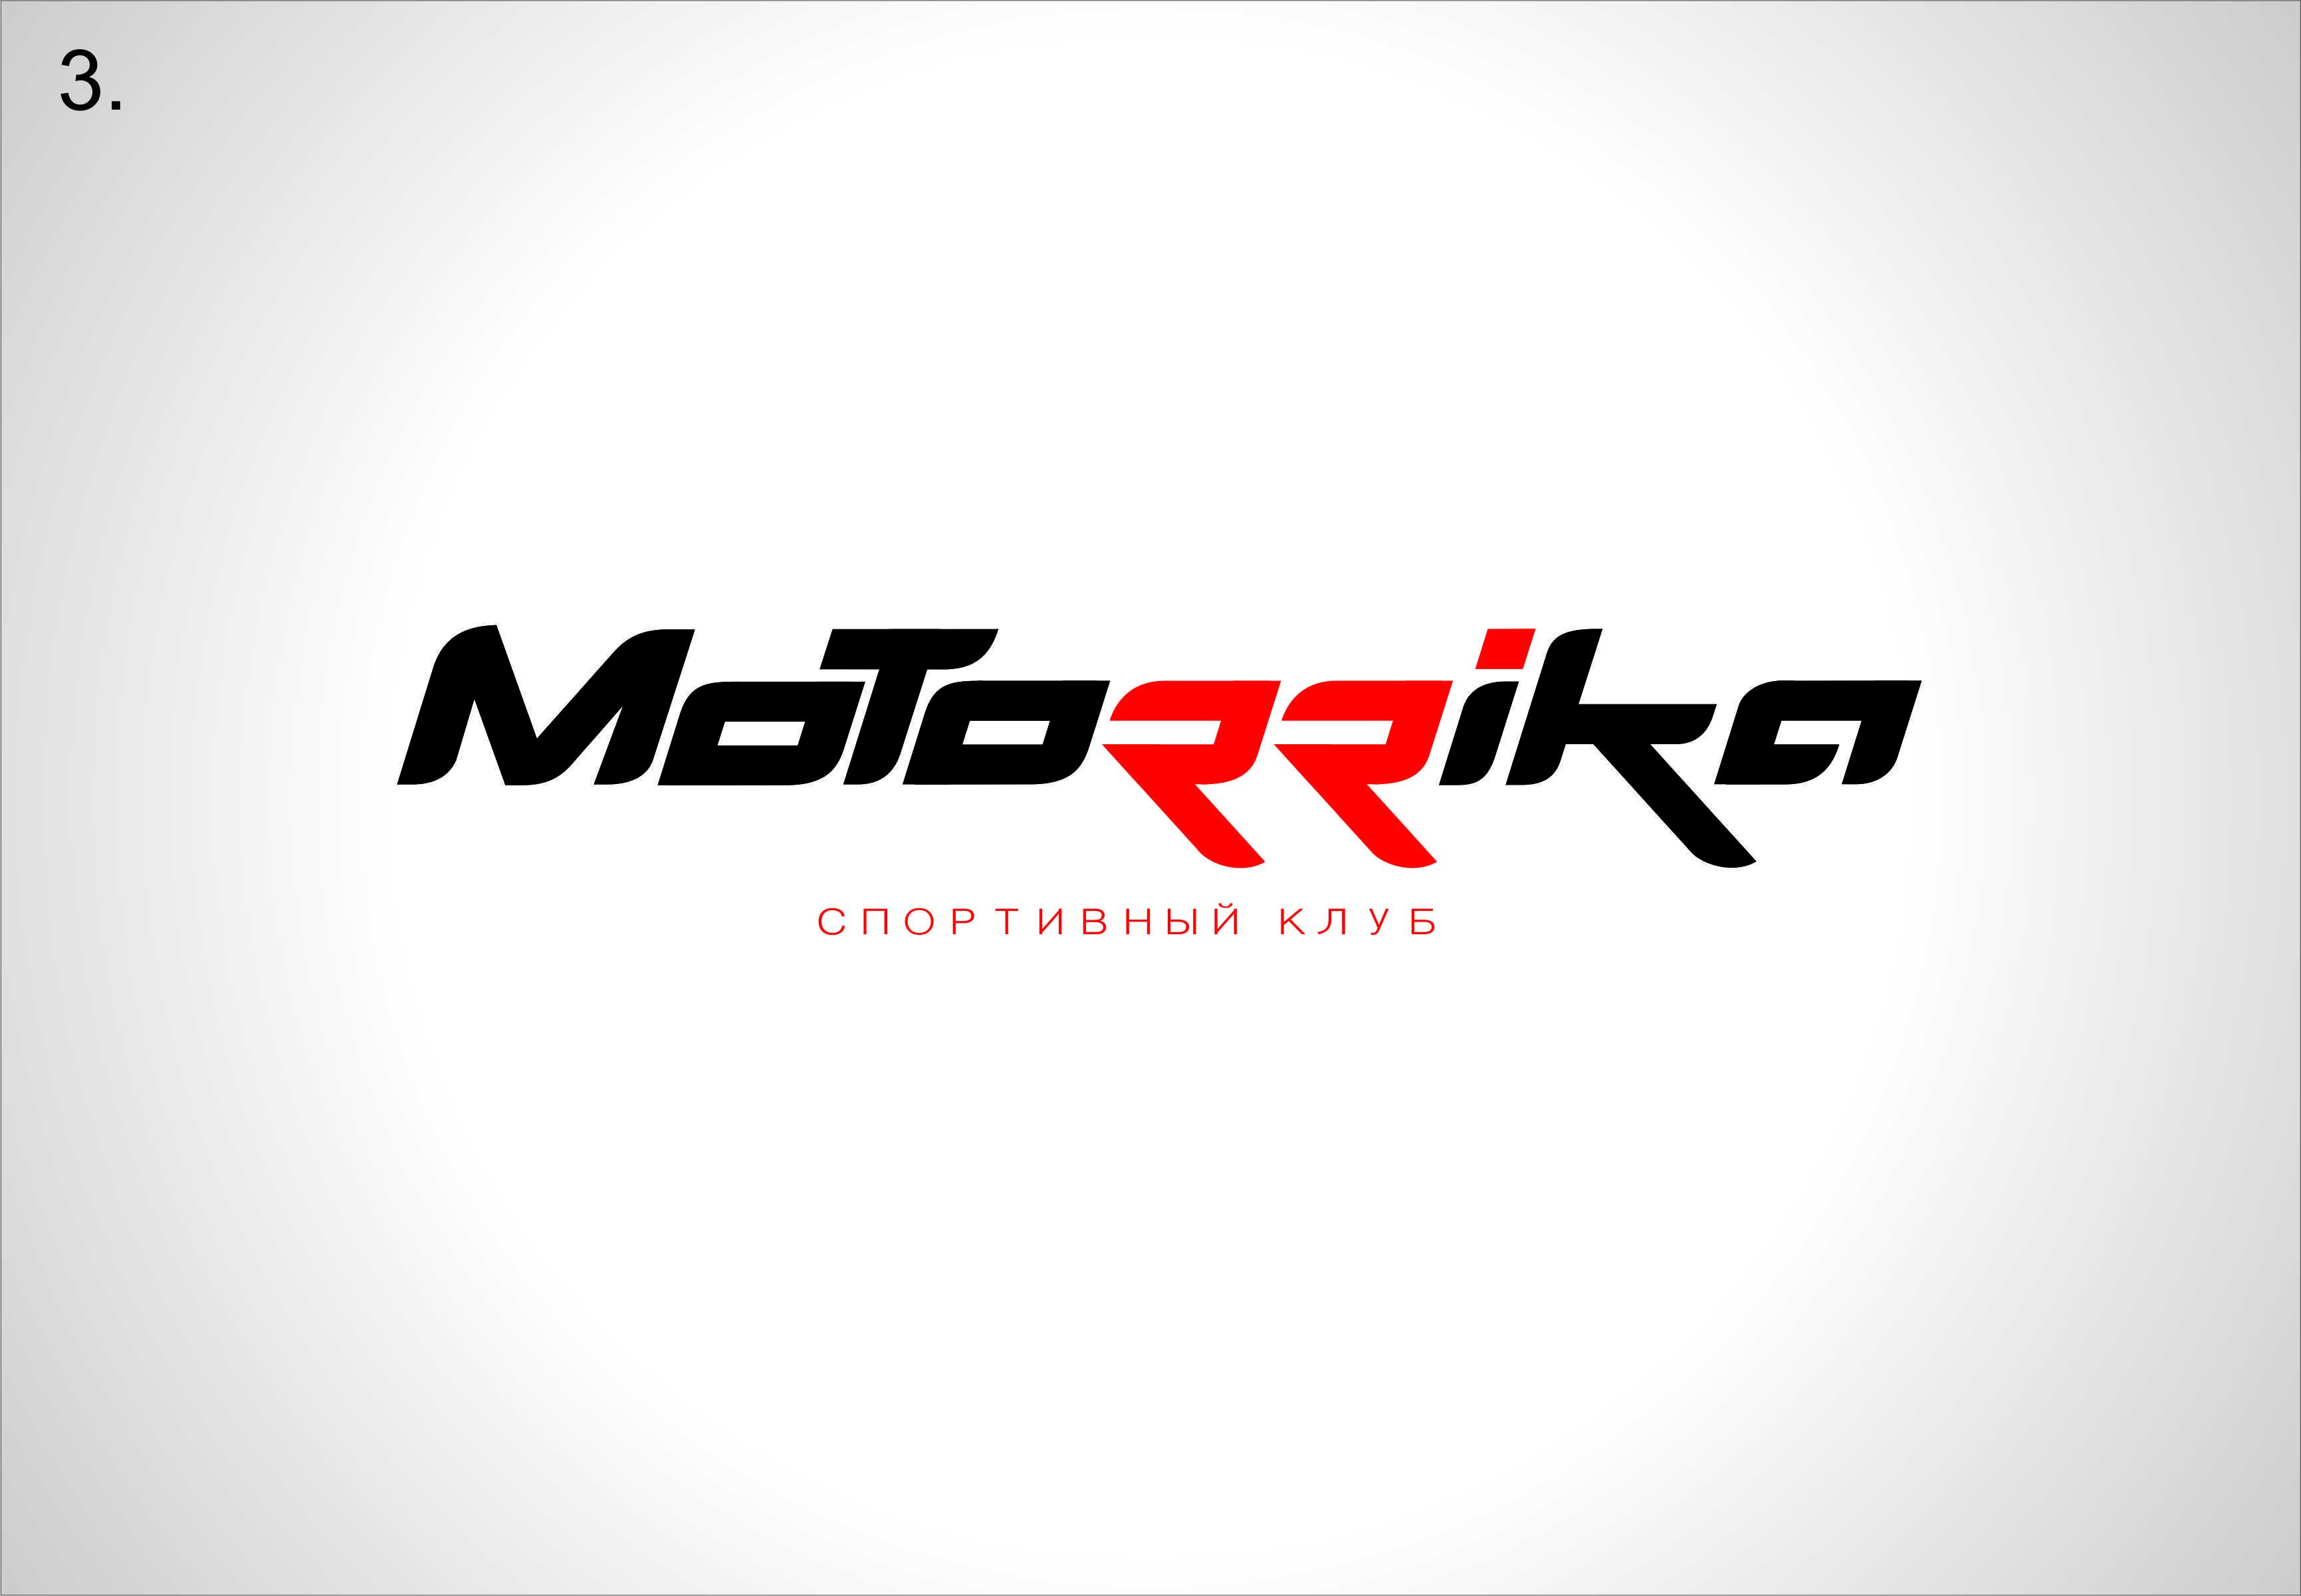 Мотогонки. Логотип, фирменный стиль. фото f_4dc01b883907f.jpg